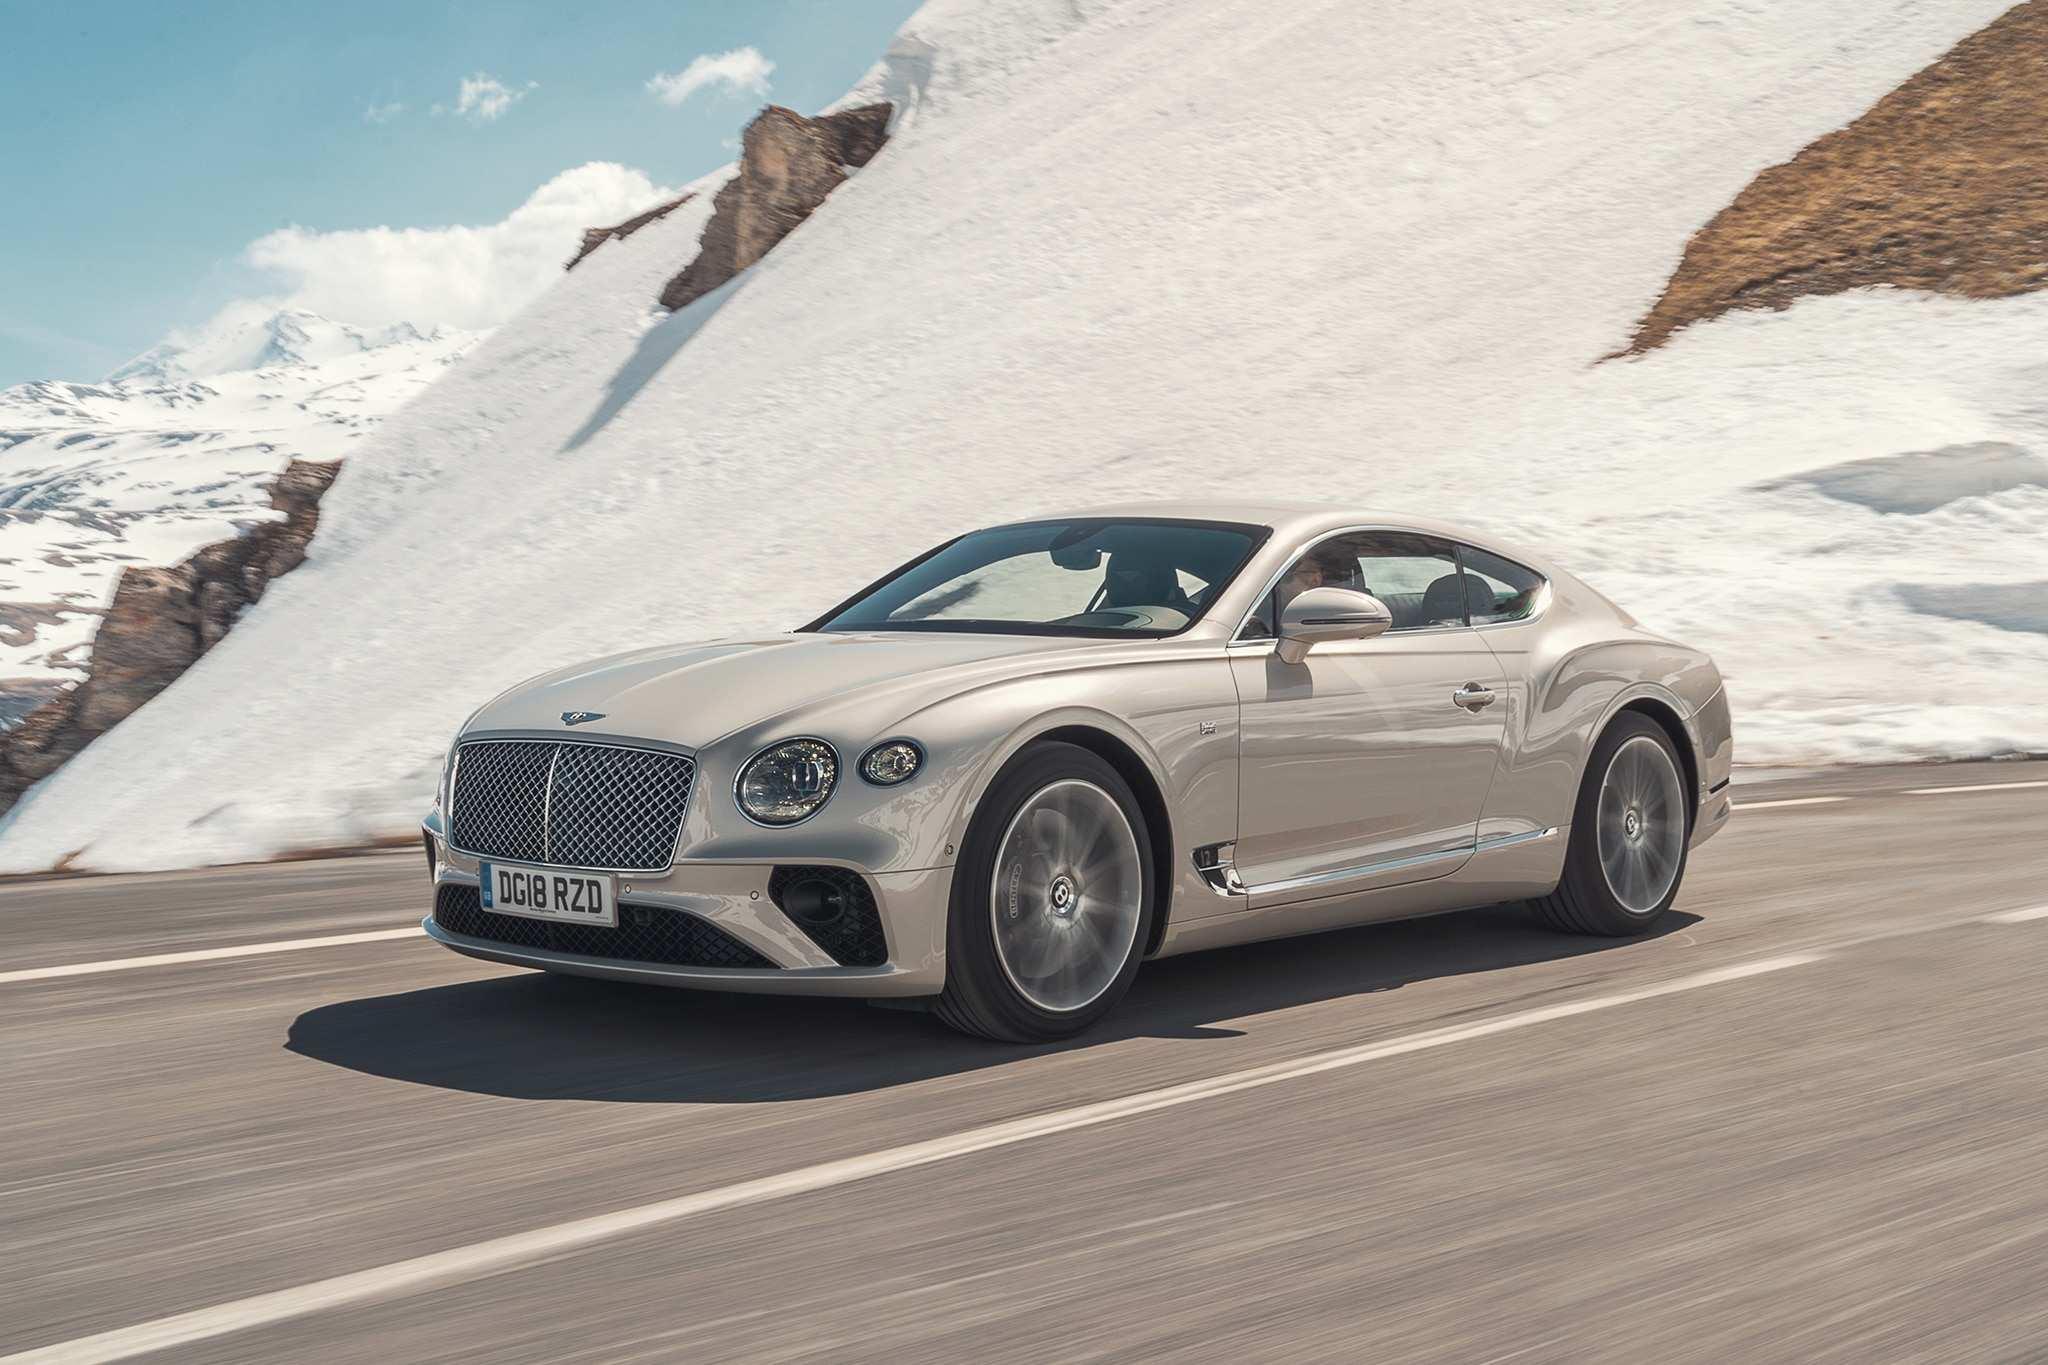 82 Concept of 2019 Bentley Azure Photos with 2019 Bentley Azure